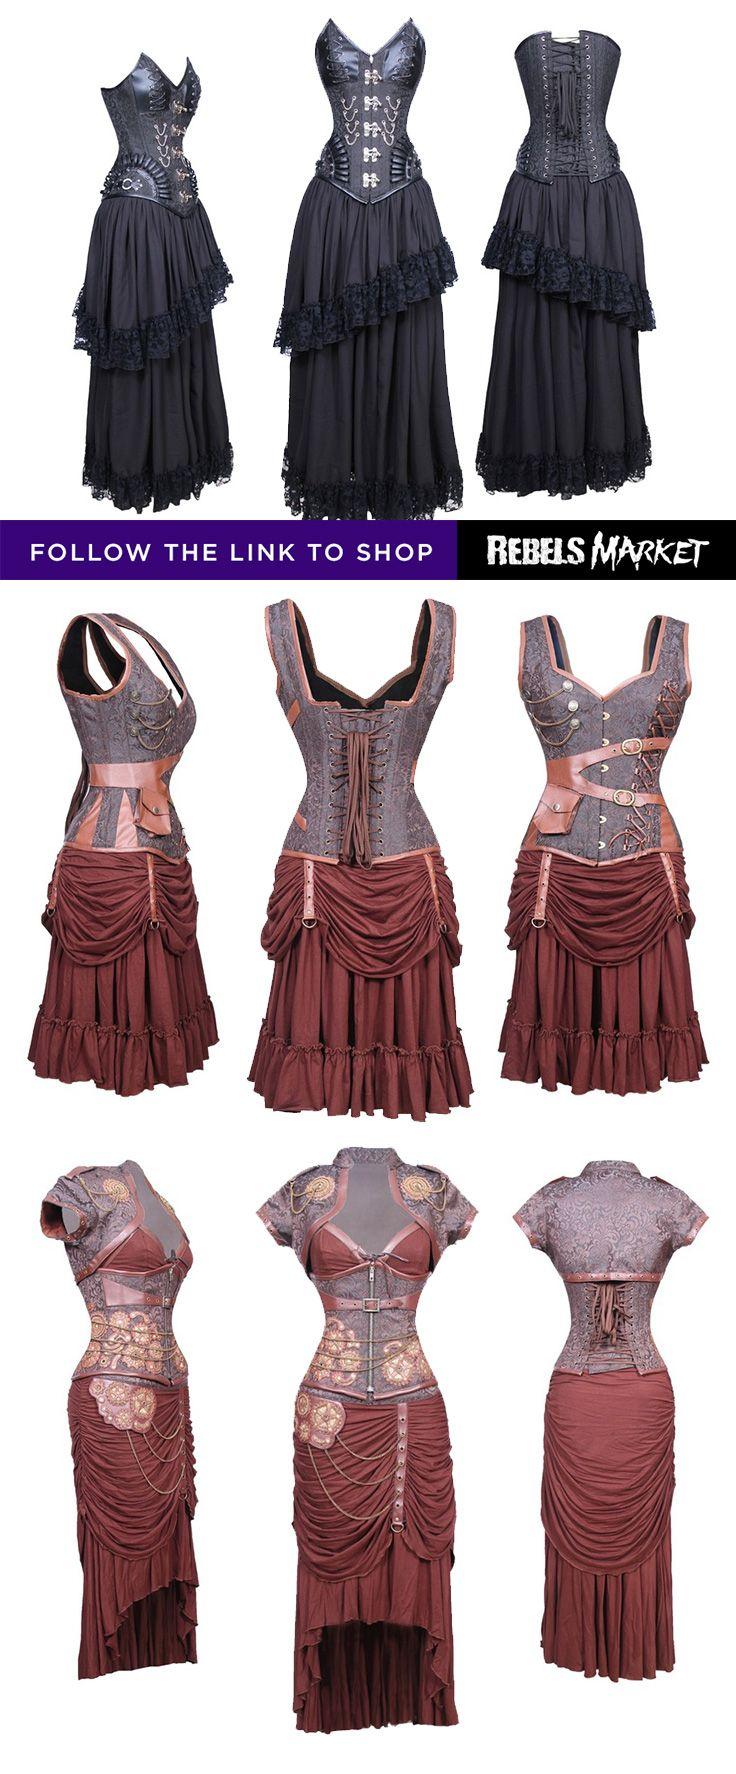 Shop steampunk gothic dresses online at RebelsMarket.